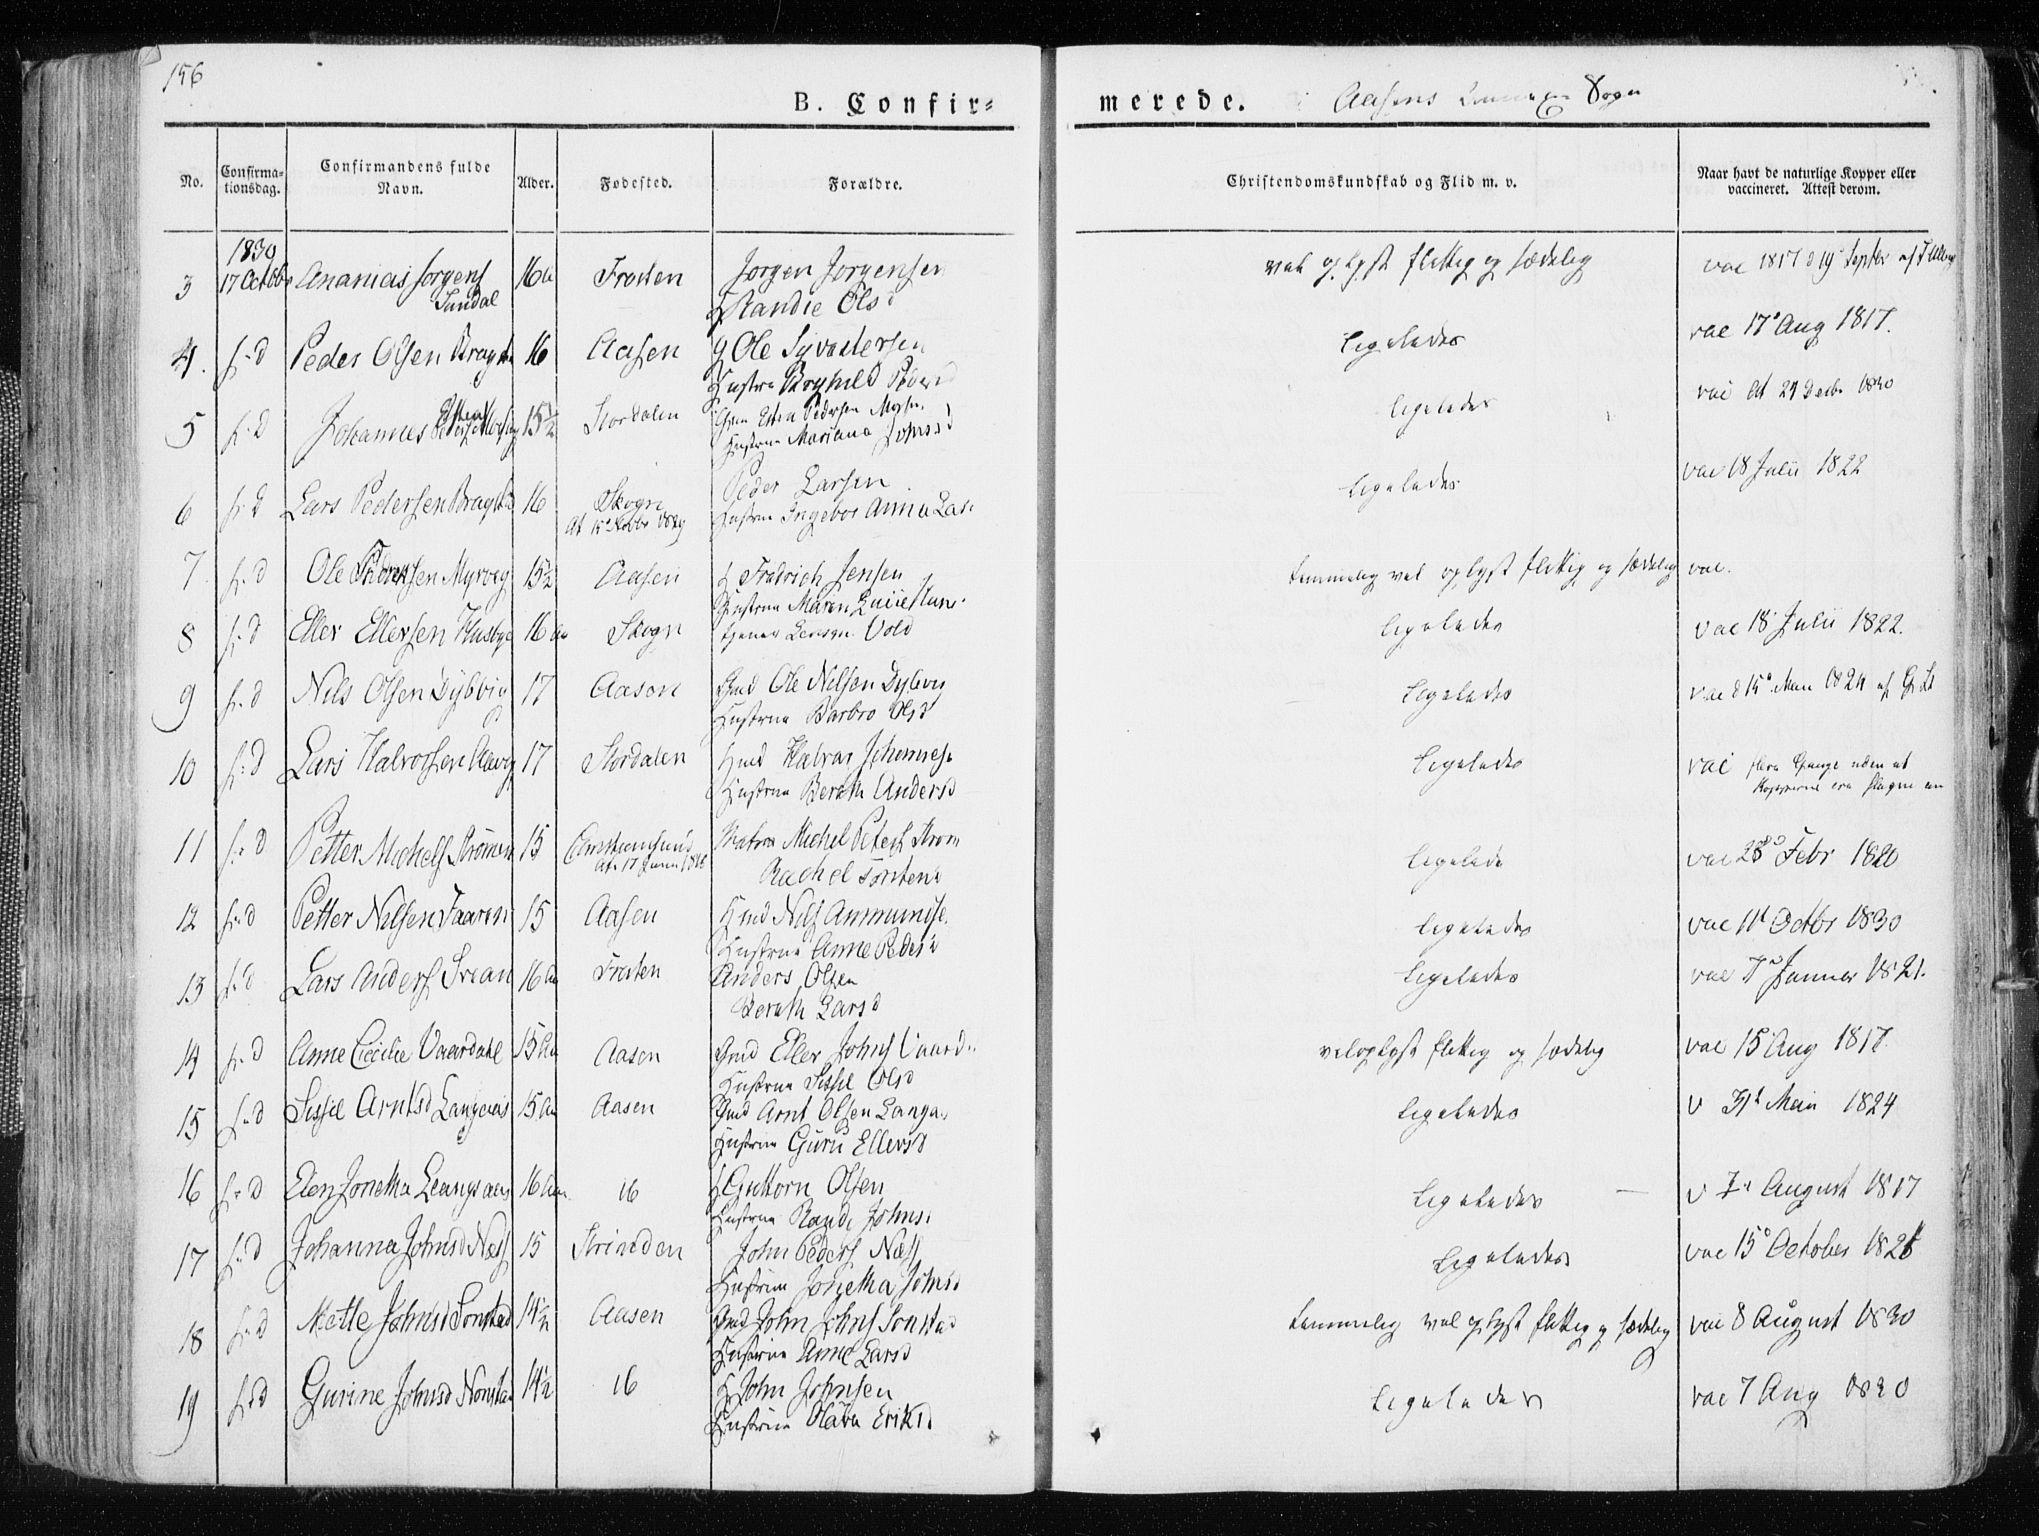 SAT, Ministerialprotokoller, klokkerbøker og fødselsregistre - Nord-Trøndelag, 713/L0114: Ministerialbok nr. 713A05, 1827-1839, s. 156